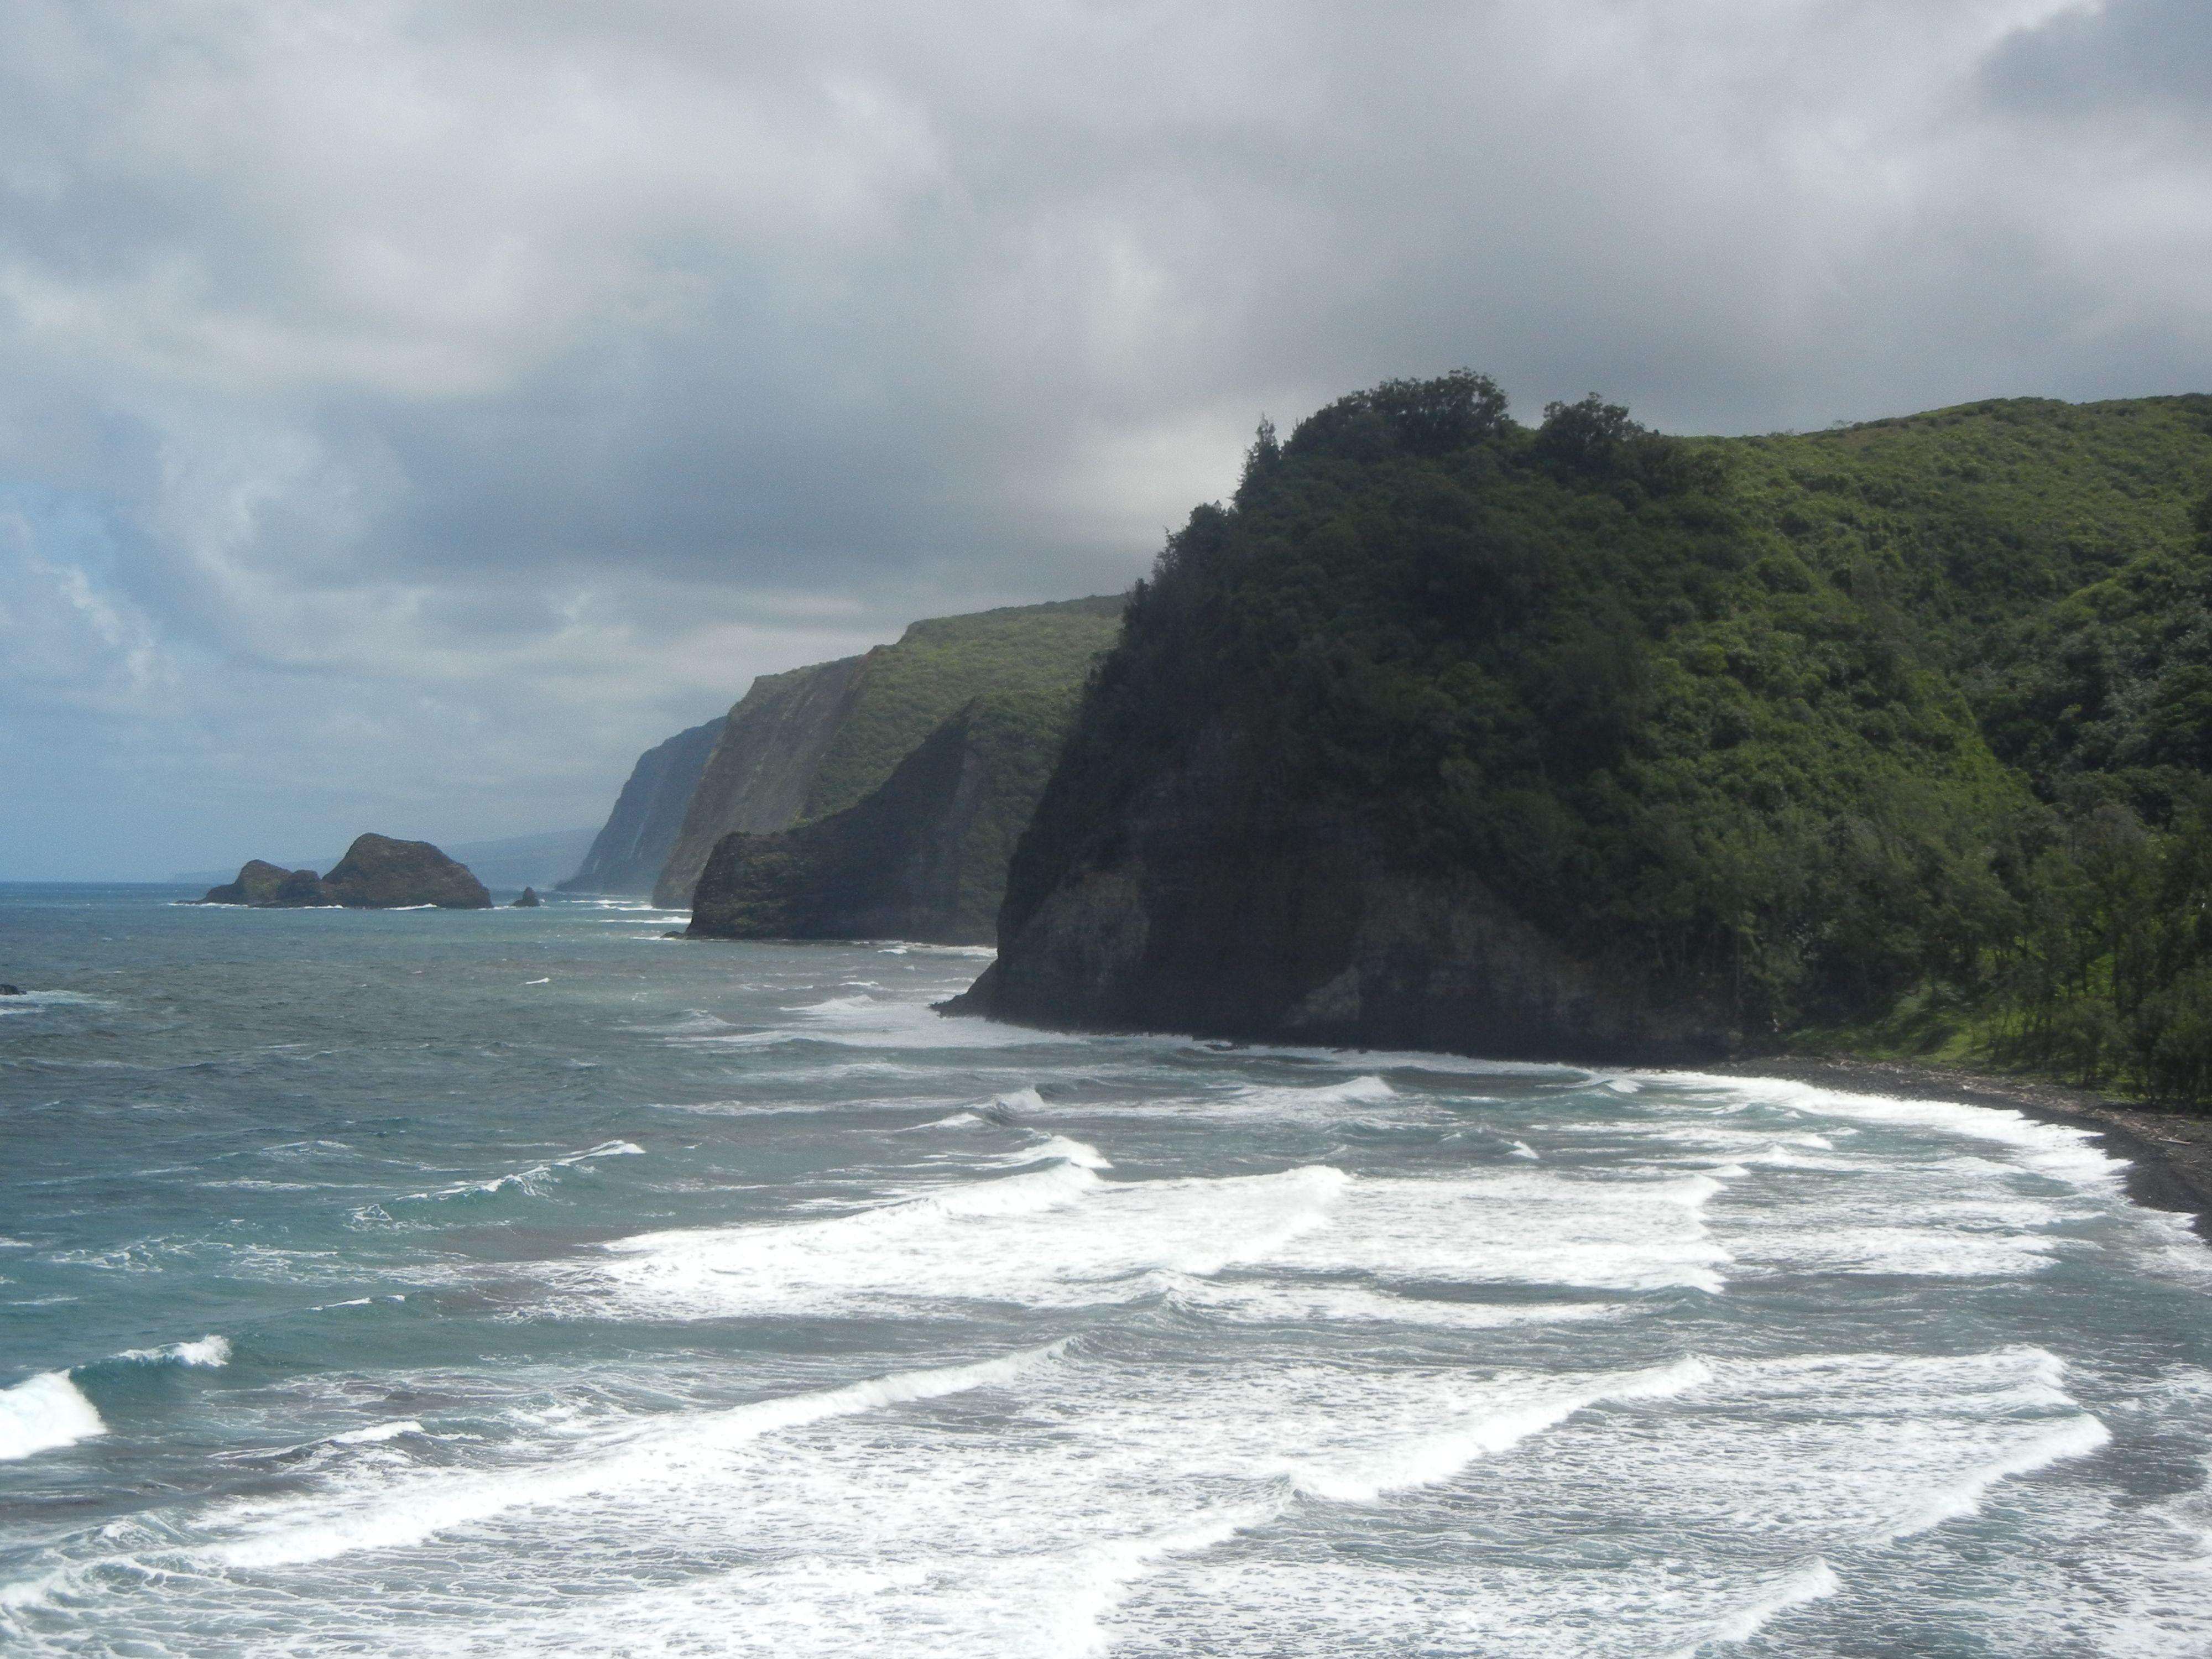 The Big Island of Hawaii 2012